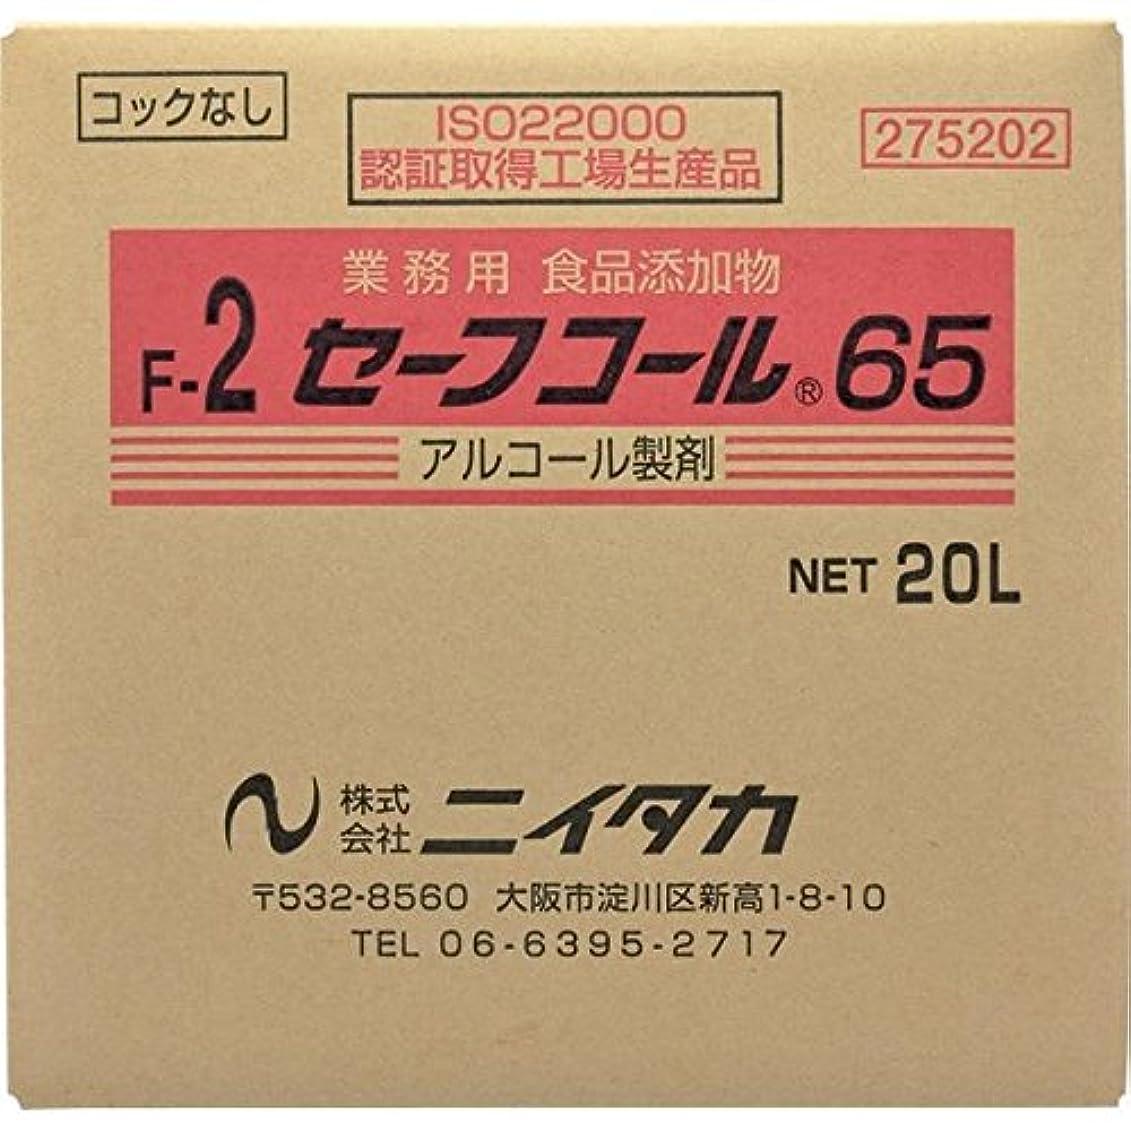 勝者ジャニス悲鳴ニイタカ:セーフコール65(F-2) 20L(BIB) 275202